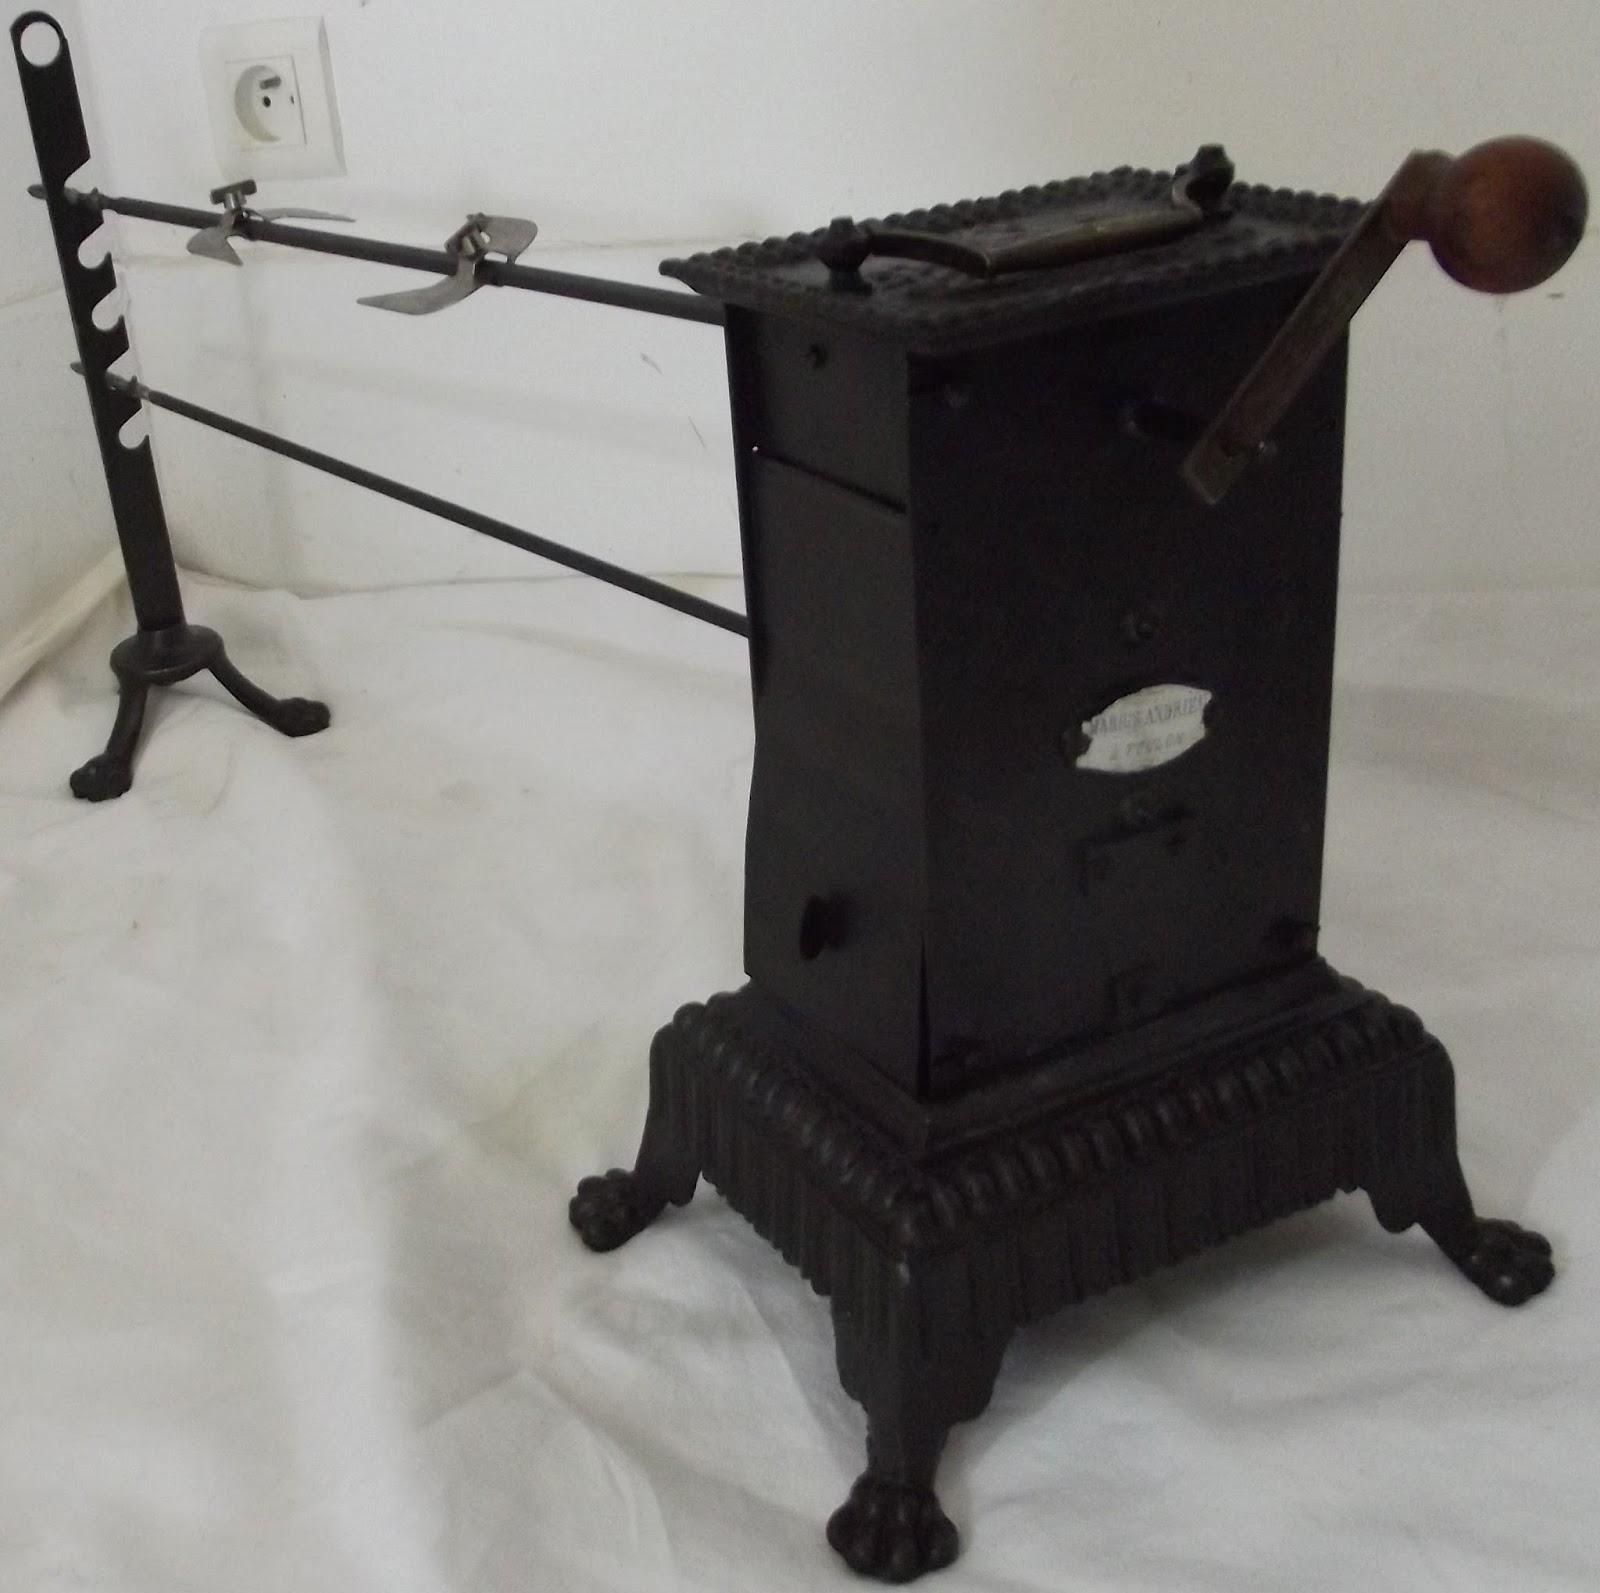 tourne broche ensemble complet. Black Bedroom Furniture Sets. Home Design Ideas